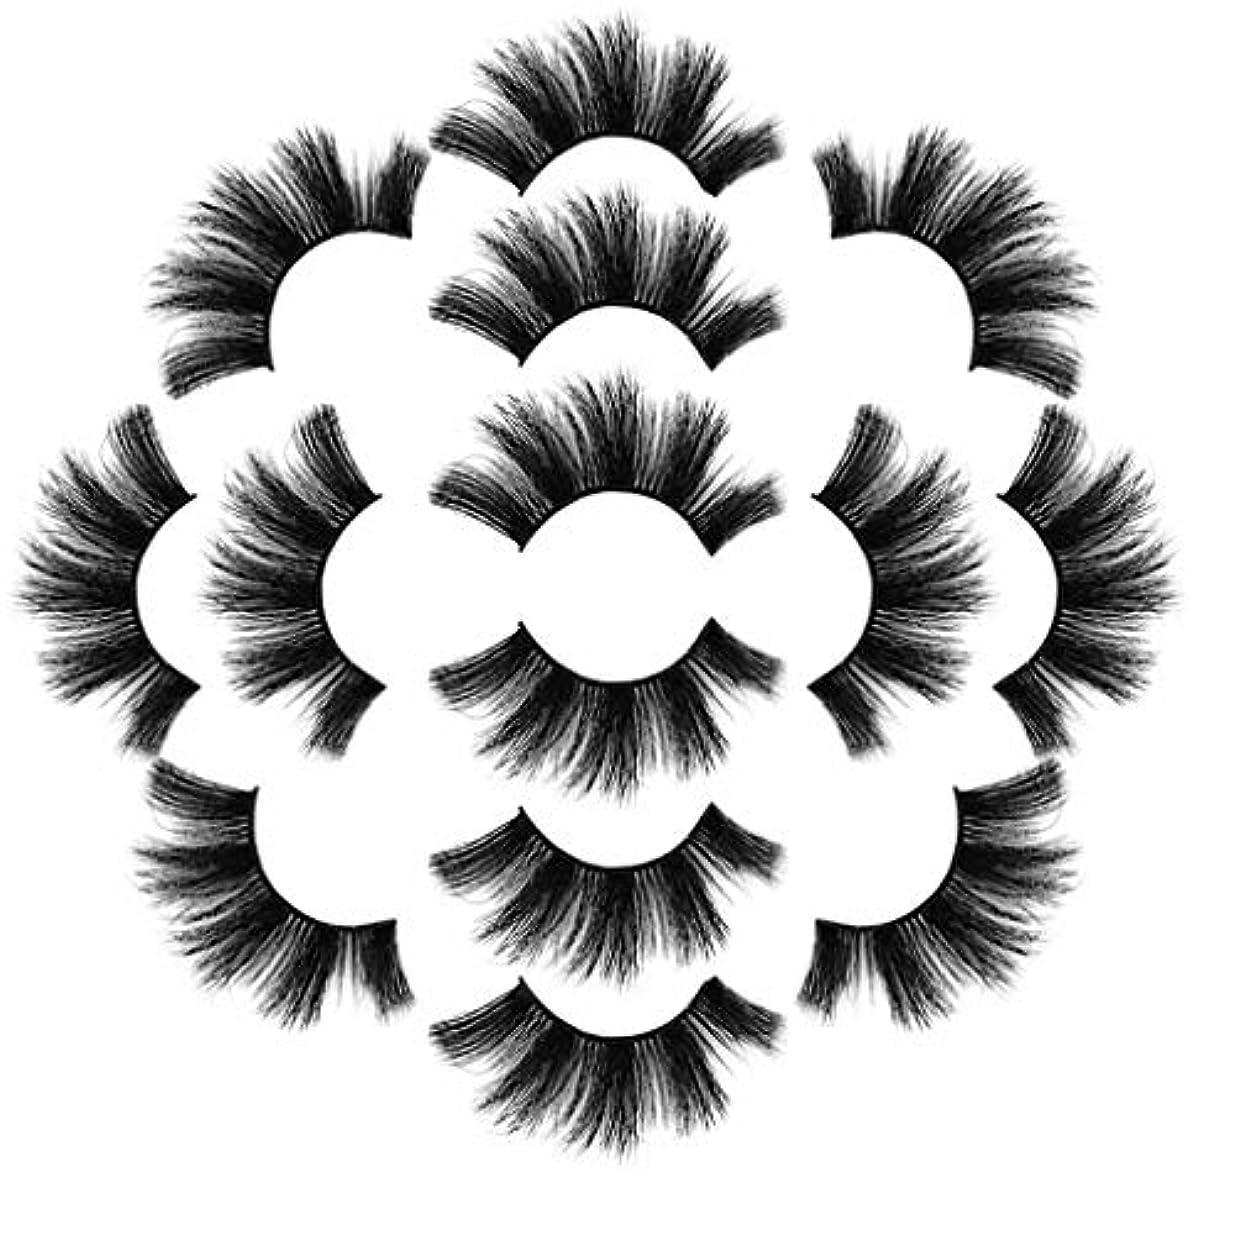 コンペマイナス資源ラグジュアリー7ペア8Dつけまつげふわふわストリップまつげロングナチュラルパーティーメイク